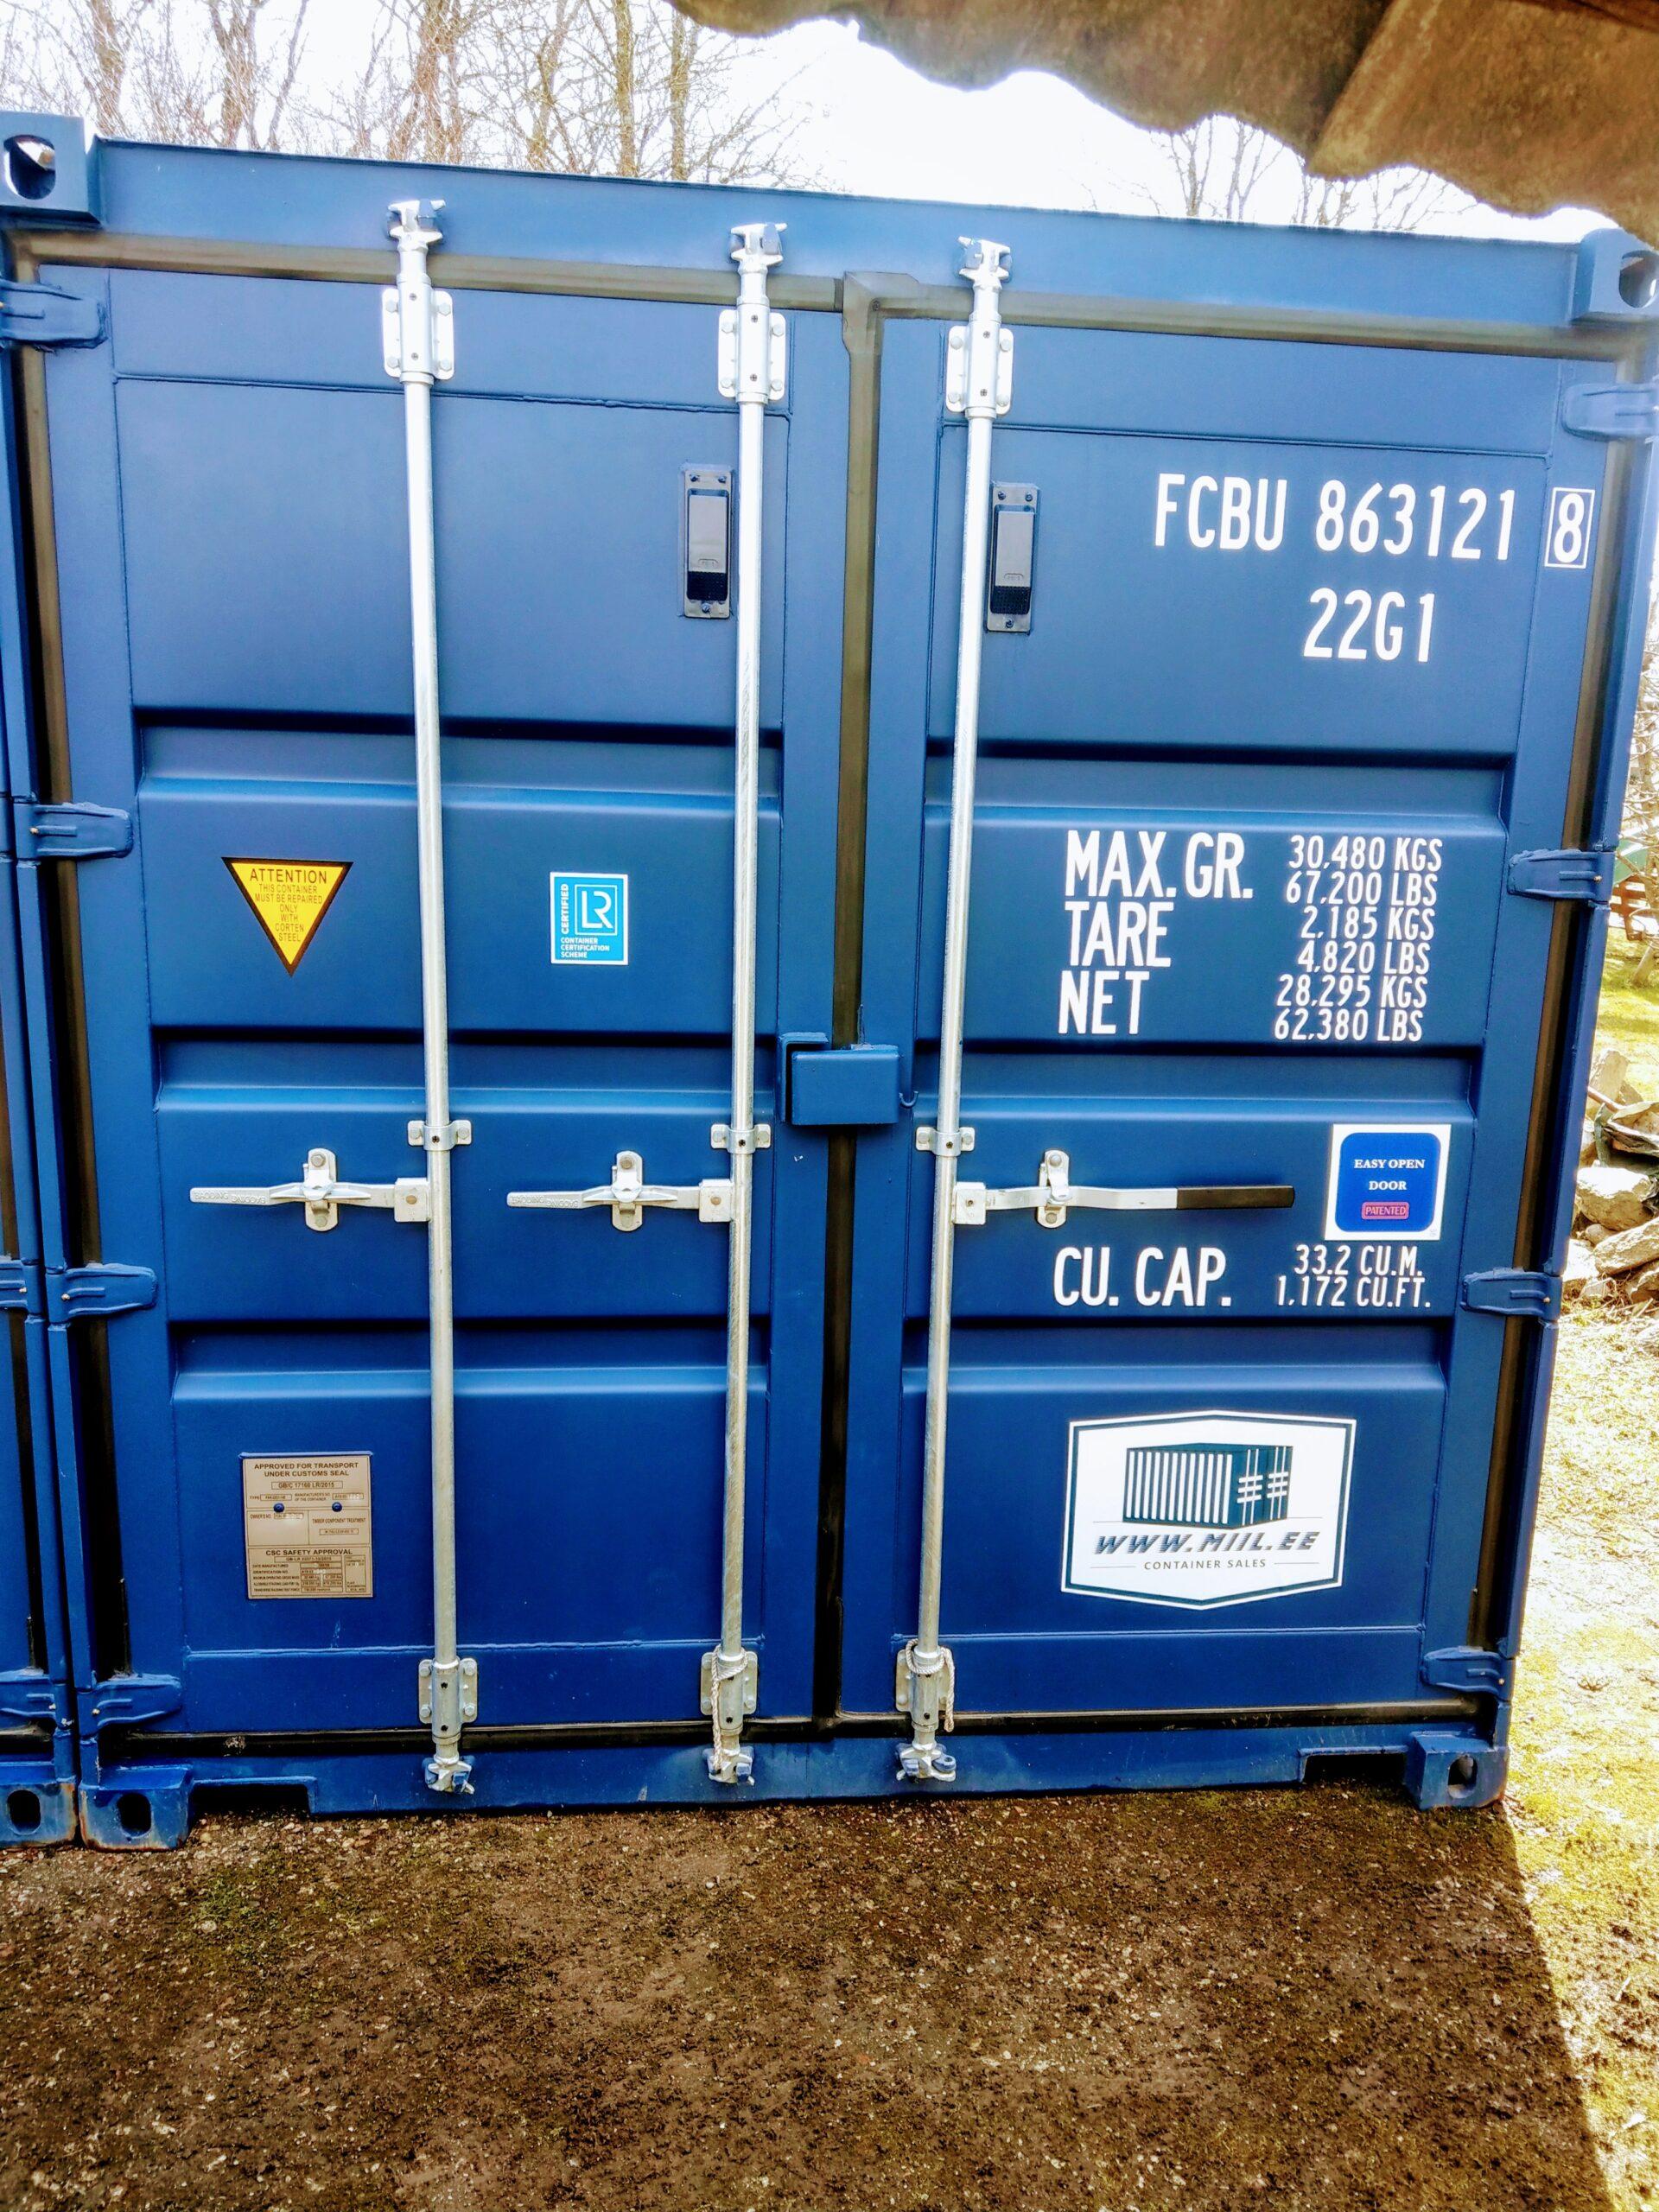 Uus konteinerladu NR 1 – FCBU8631218